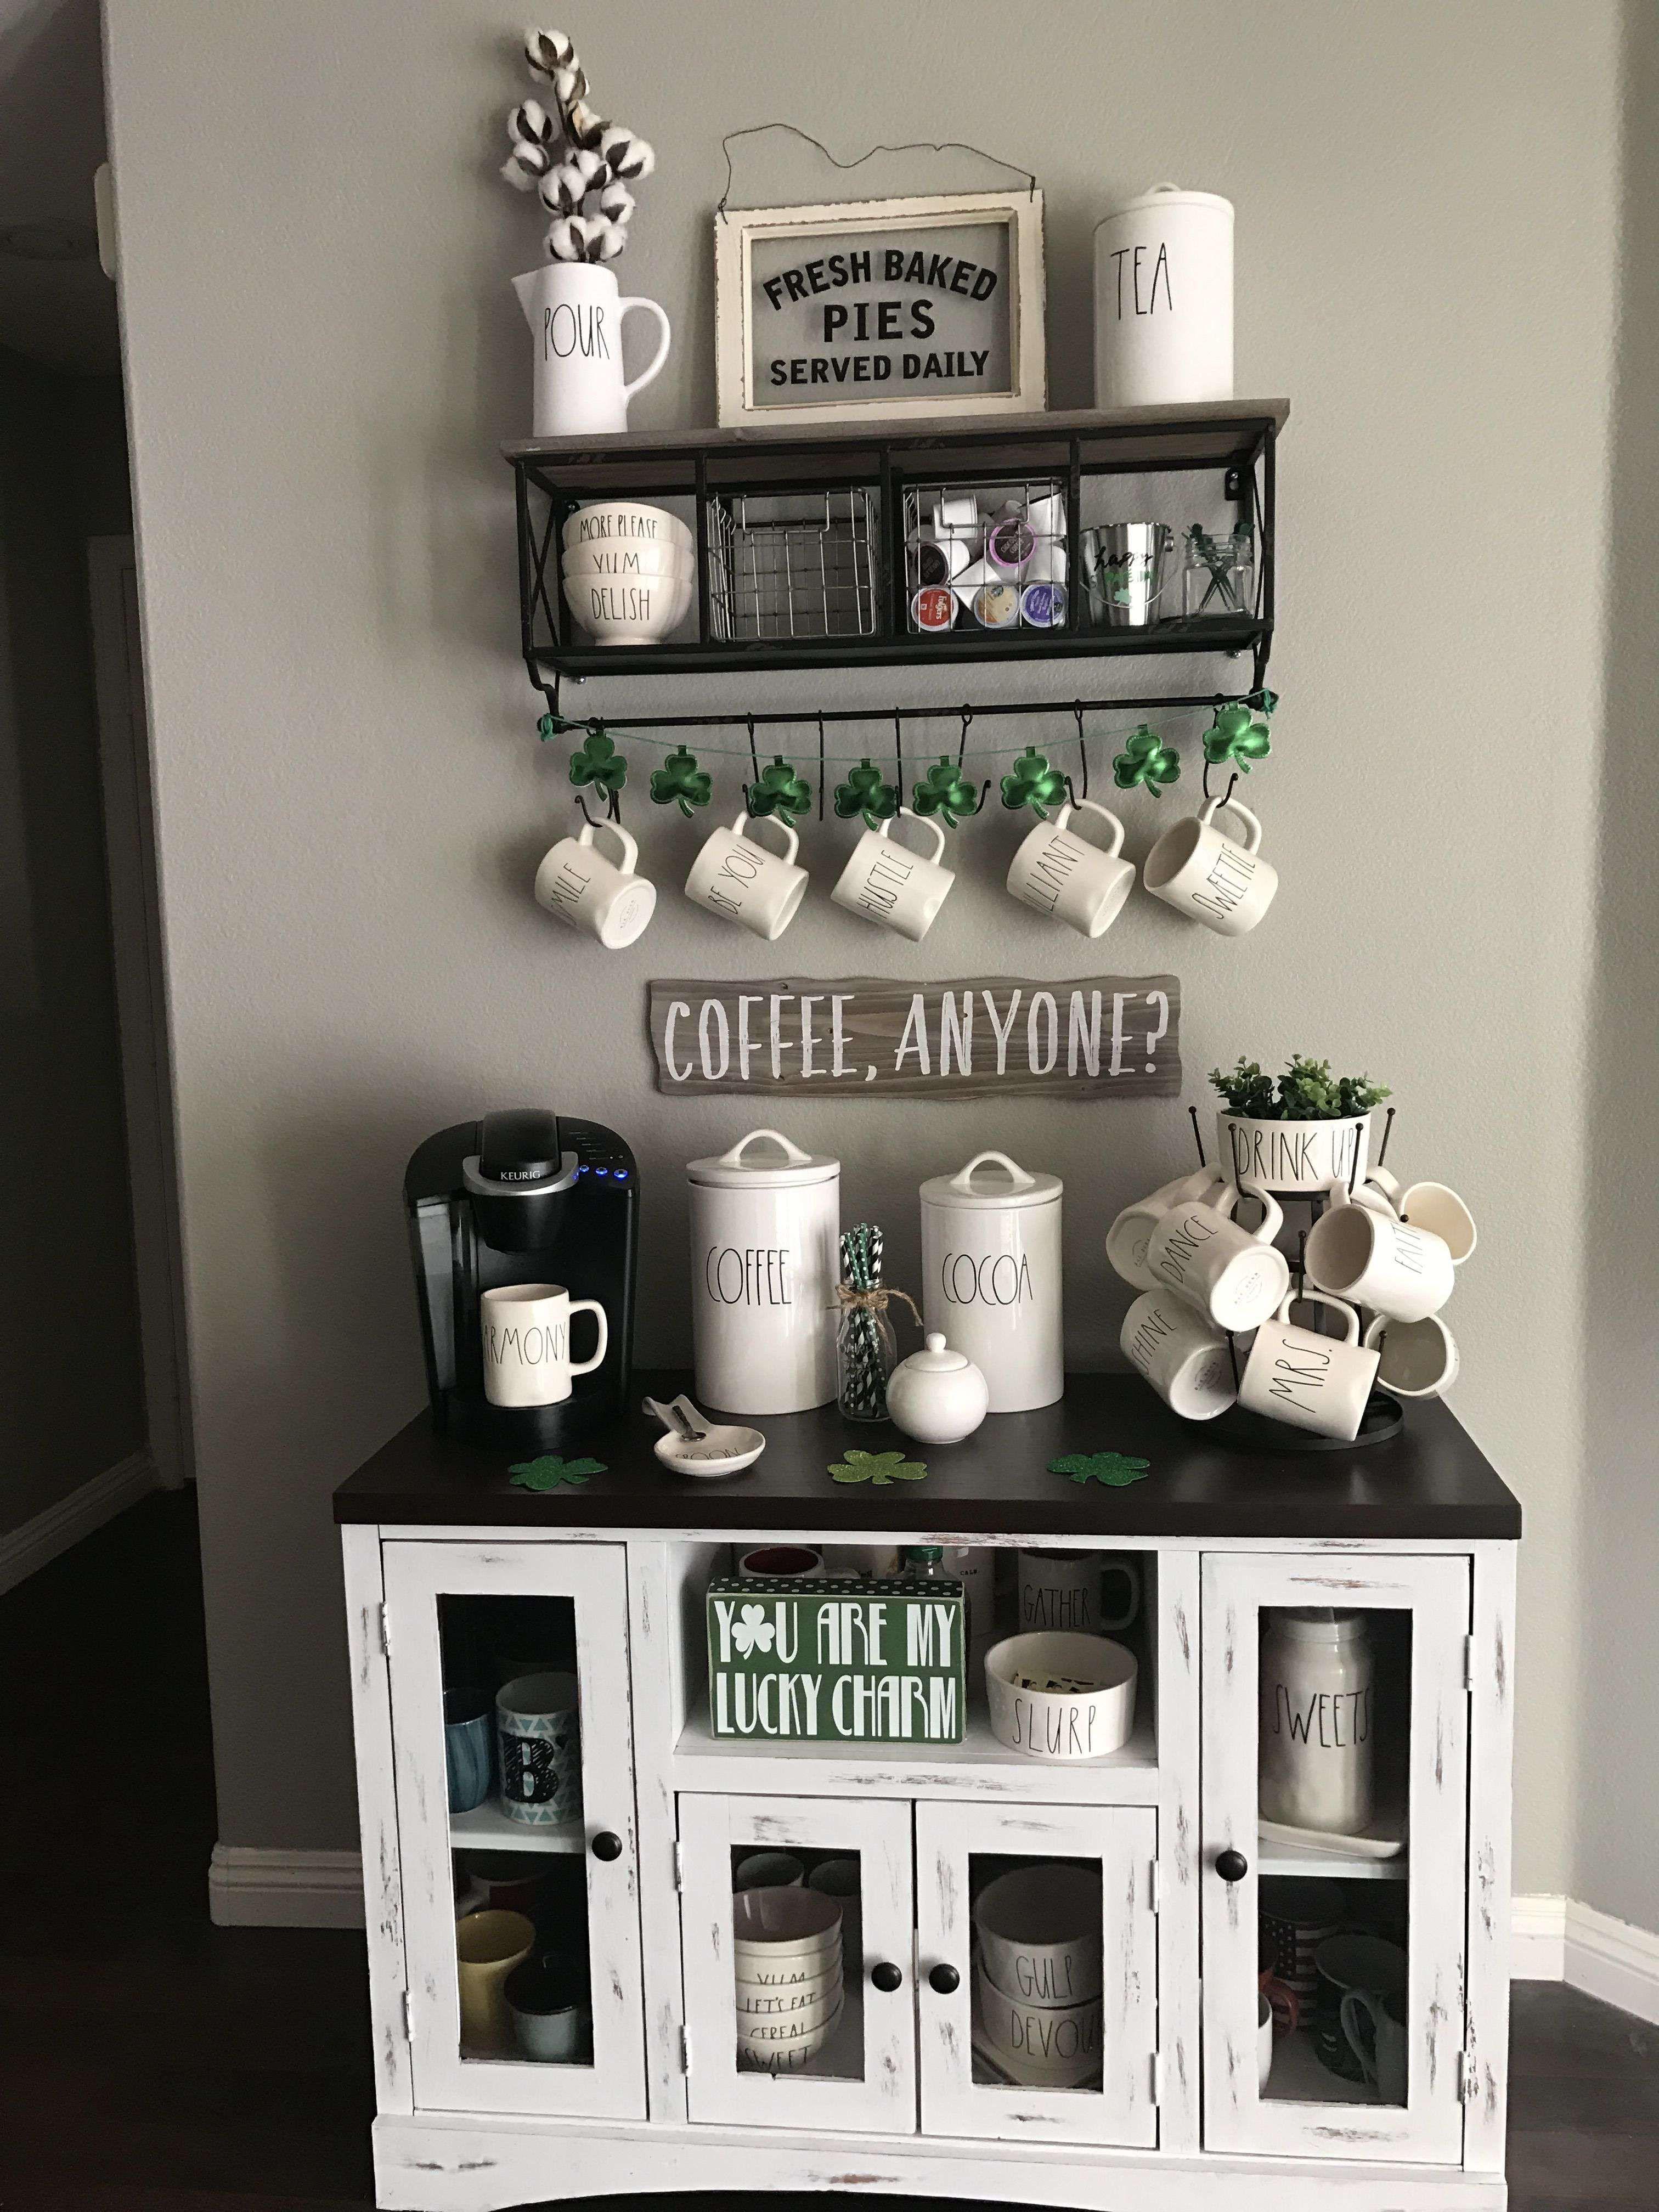 48 Stunning Diy Coffee Bar Ideas For Your Home Interior Design Ideasforyourhome Stunningdiycof Coffee Bar Home Farmhouse Coffee Bar Coffee Bars In Kitchen